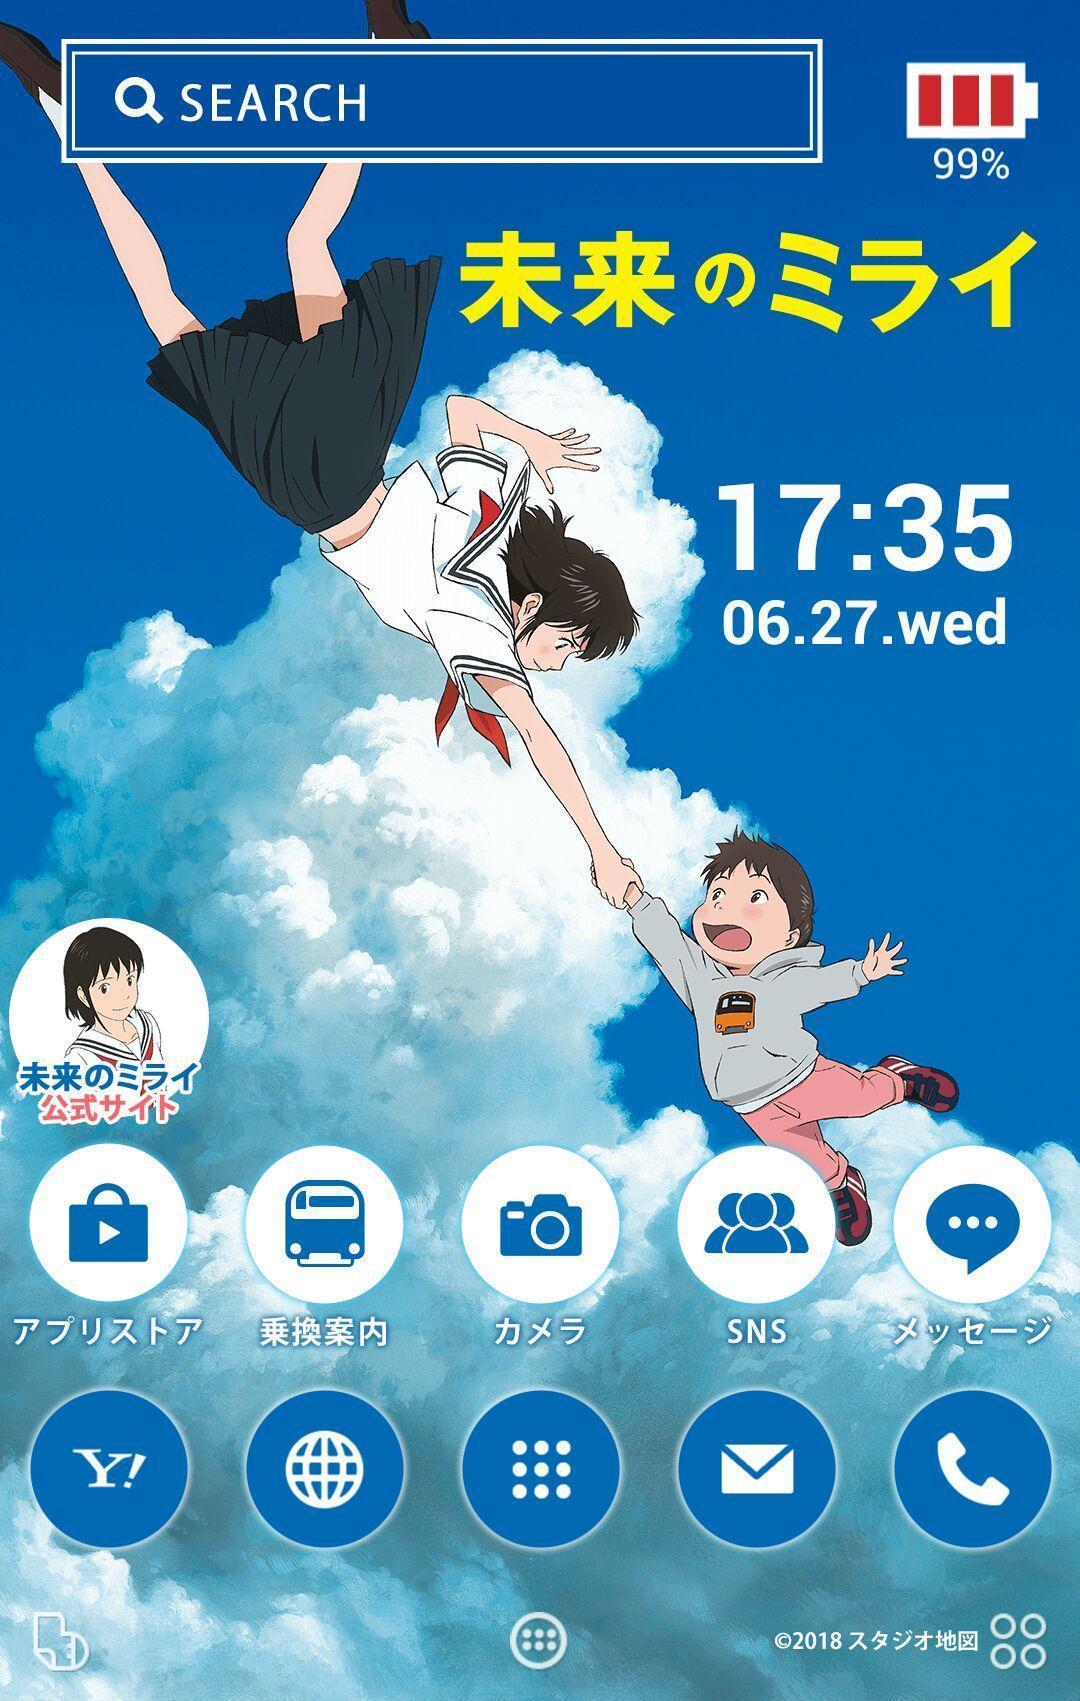 未来のミライ 壁紙きせかえ For Android Apk Download